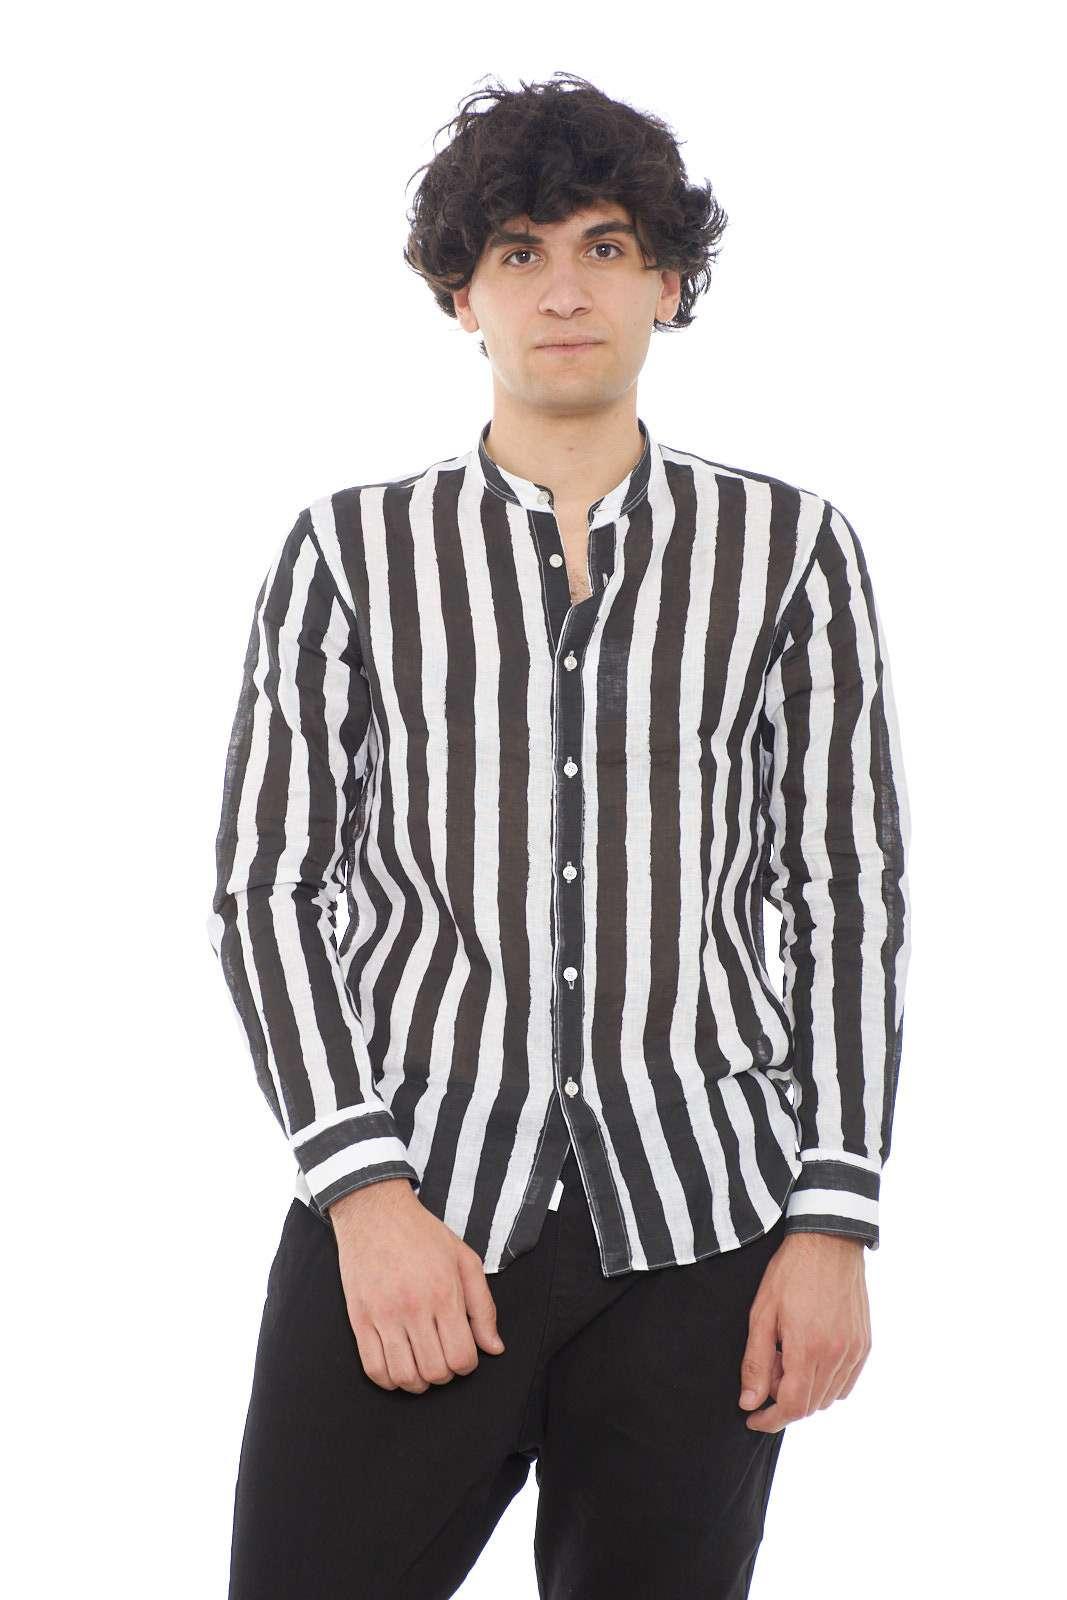 Stile e ricercatezza per questa camicia Xacus, perfetta per l'uomo che ama curare al massimo i propri outfit. Il collo alla coreana, e la fantasia a righe, la caratterizzano, rendendo moderna e fashion. Da abbinare ad un semplice pantalone, per un aspetto sempre alla moda.